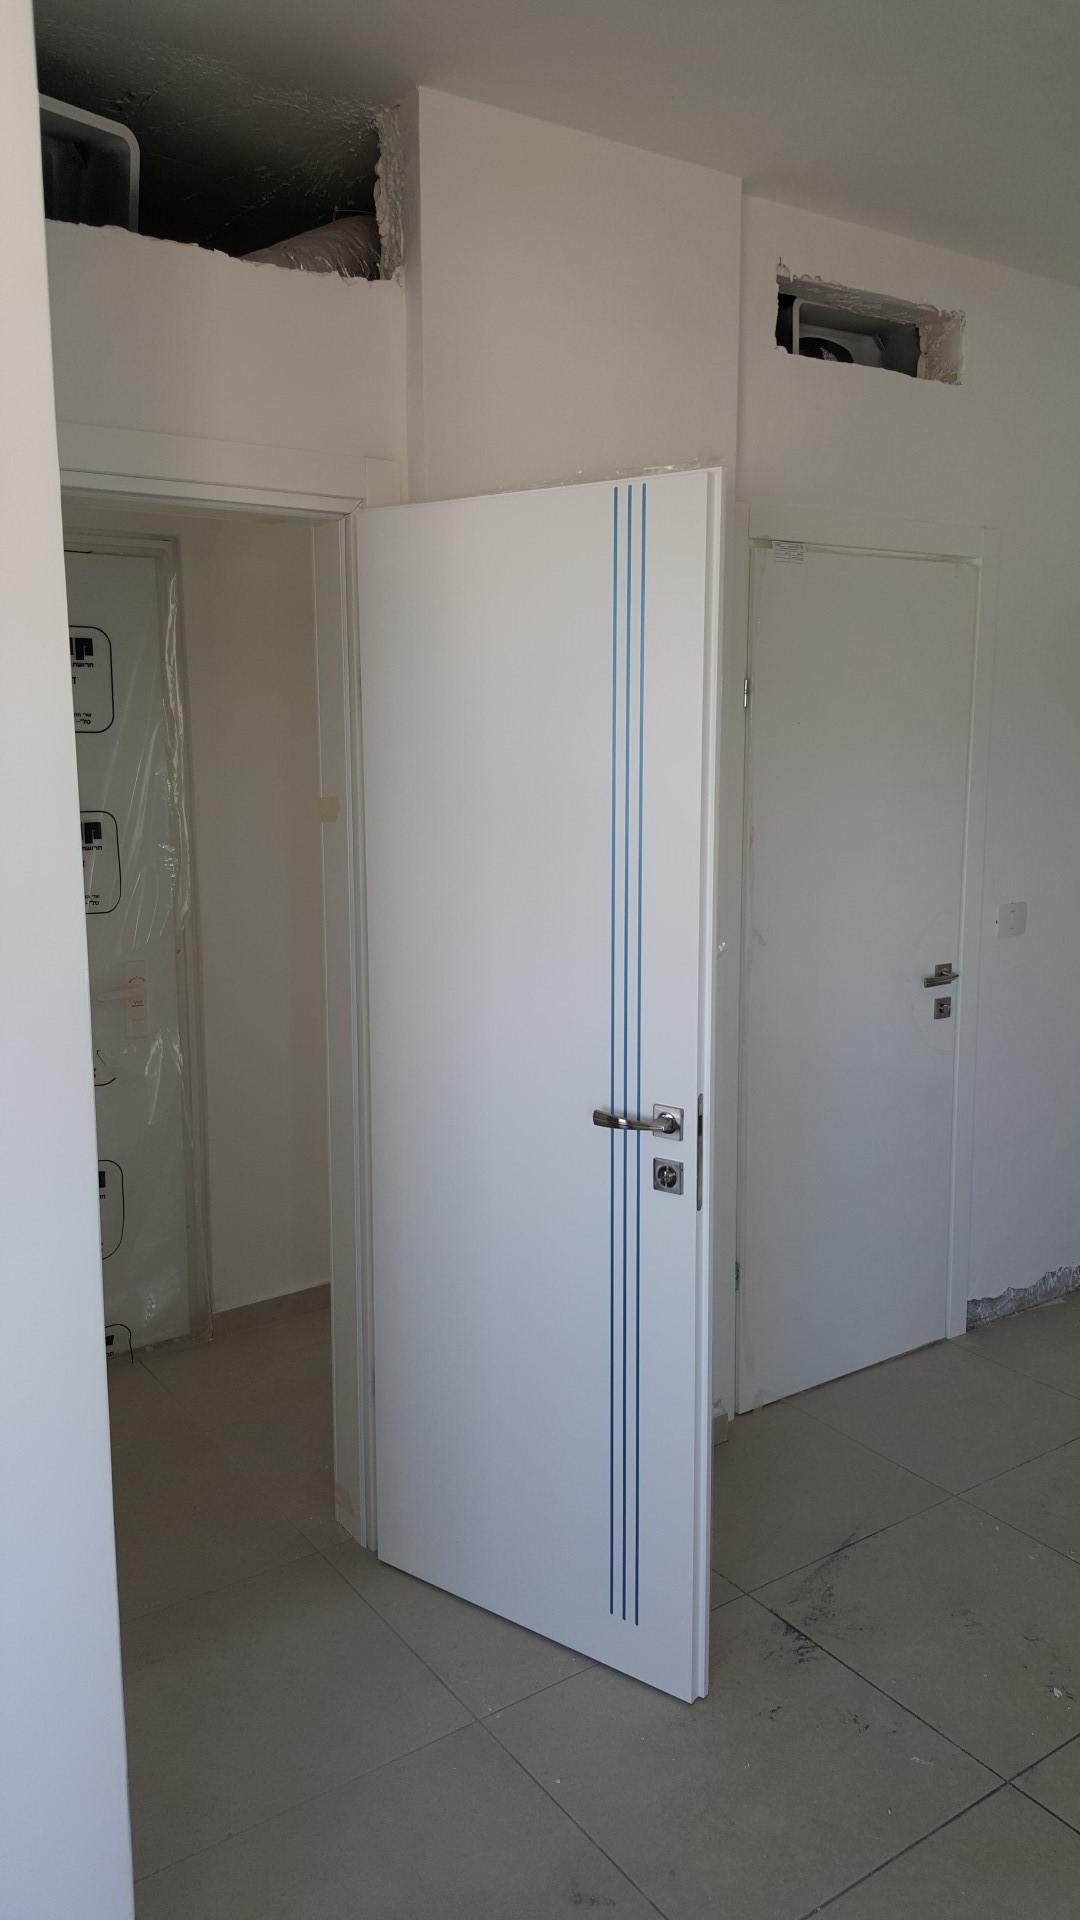 דלת צבע תנור עם שלוש פסי ניקל צבע לבן